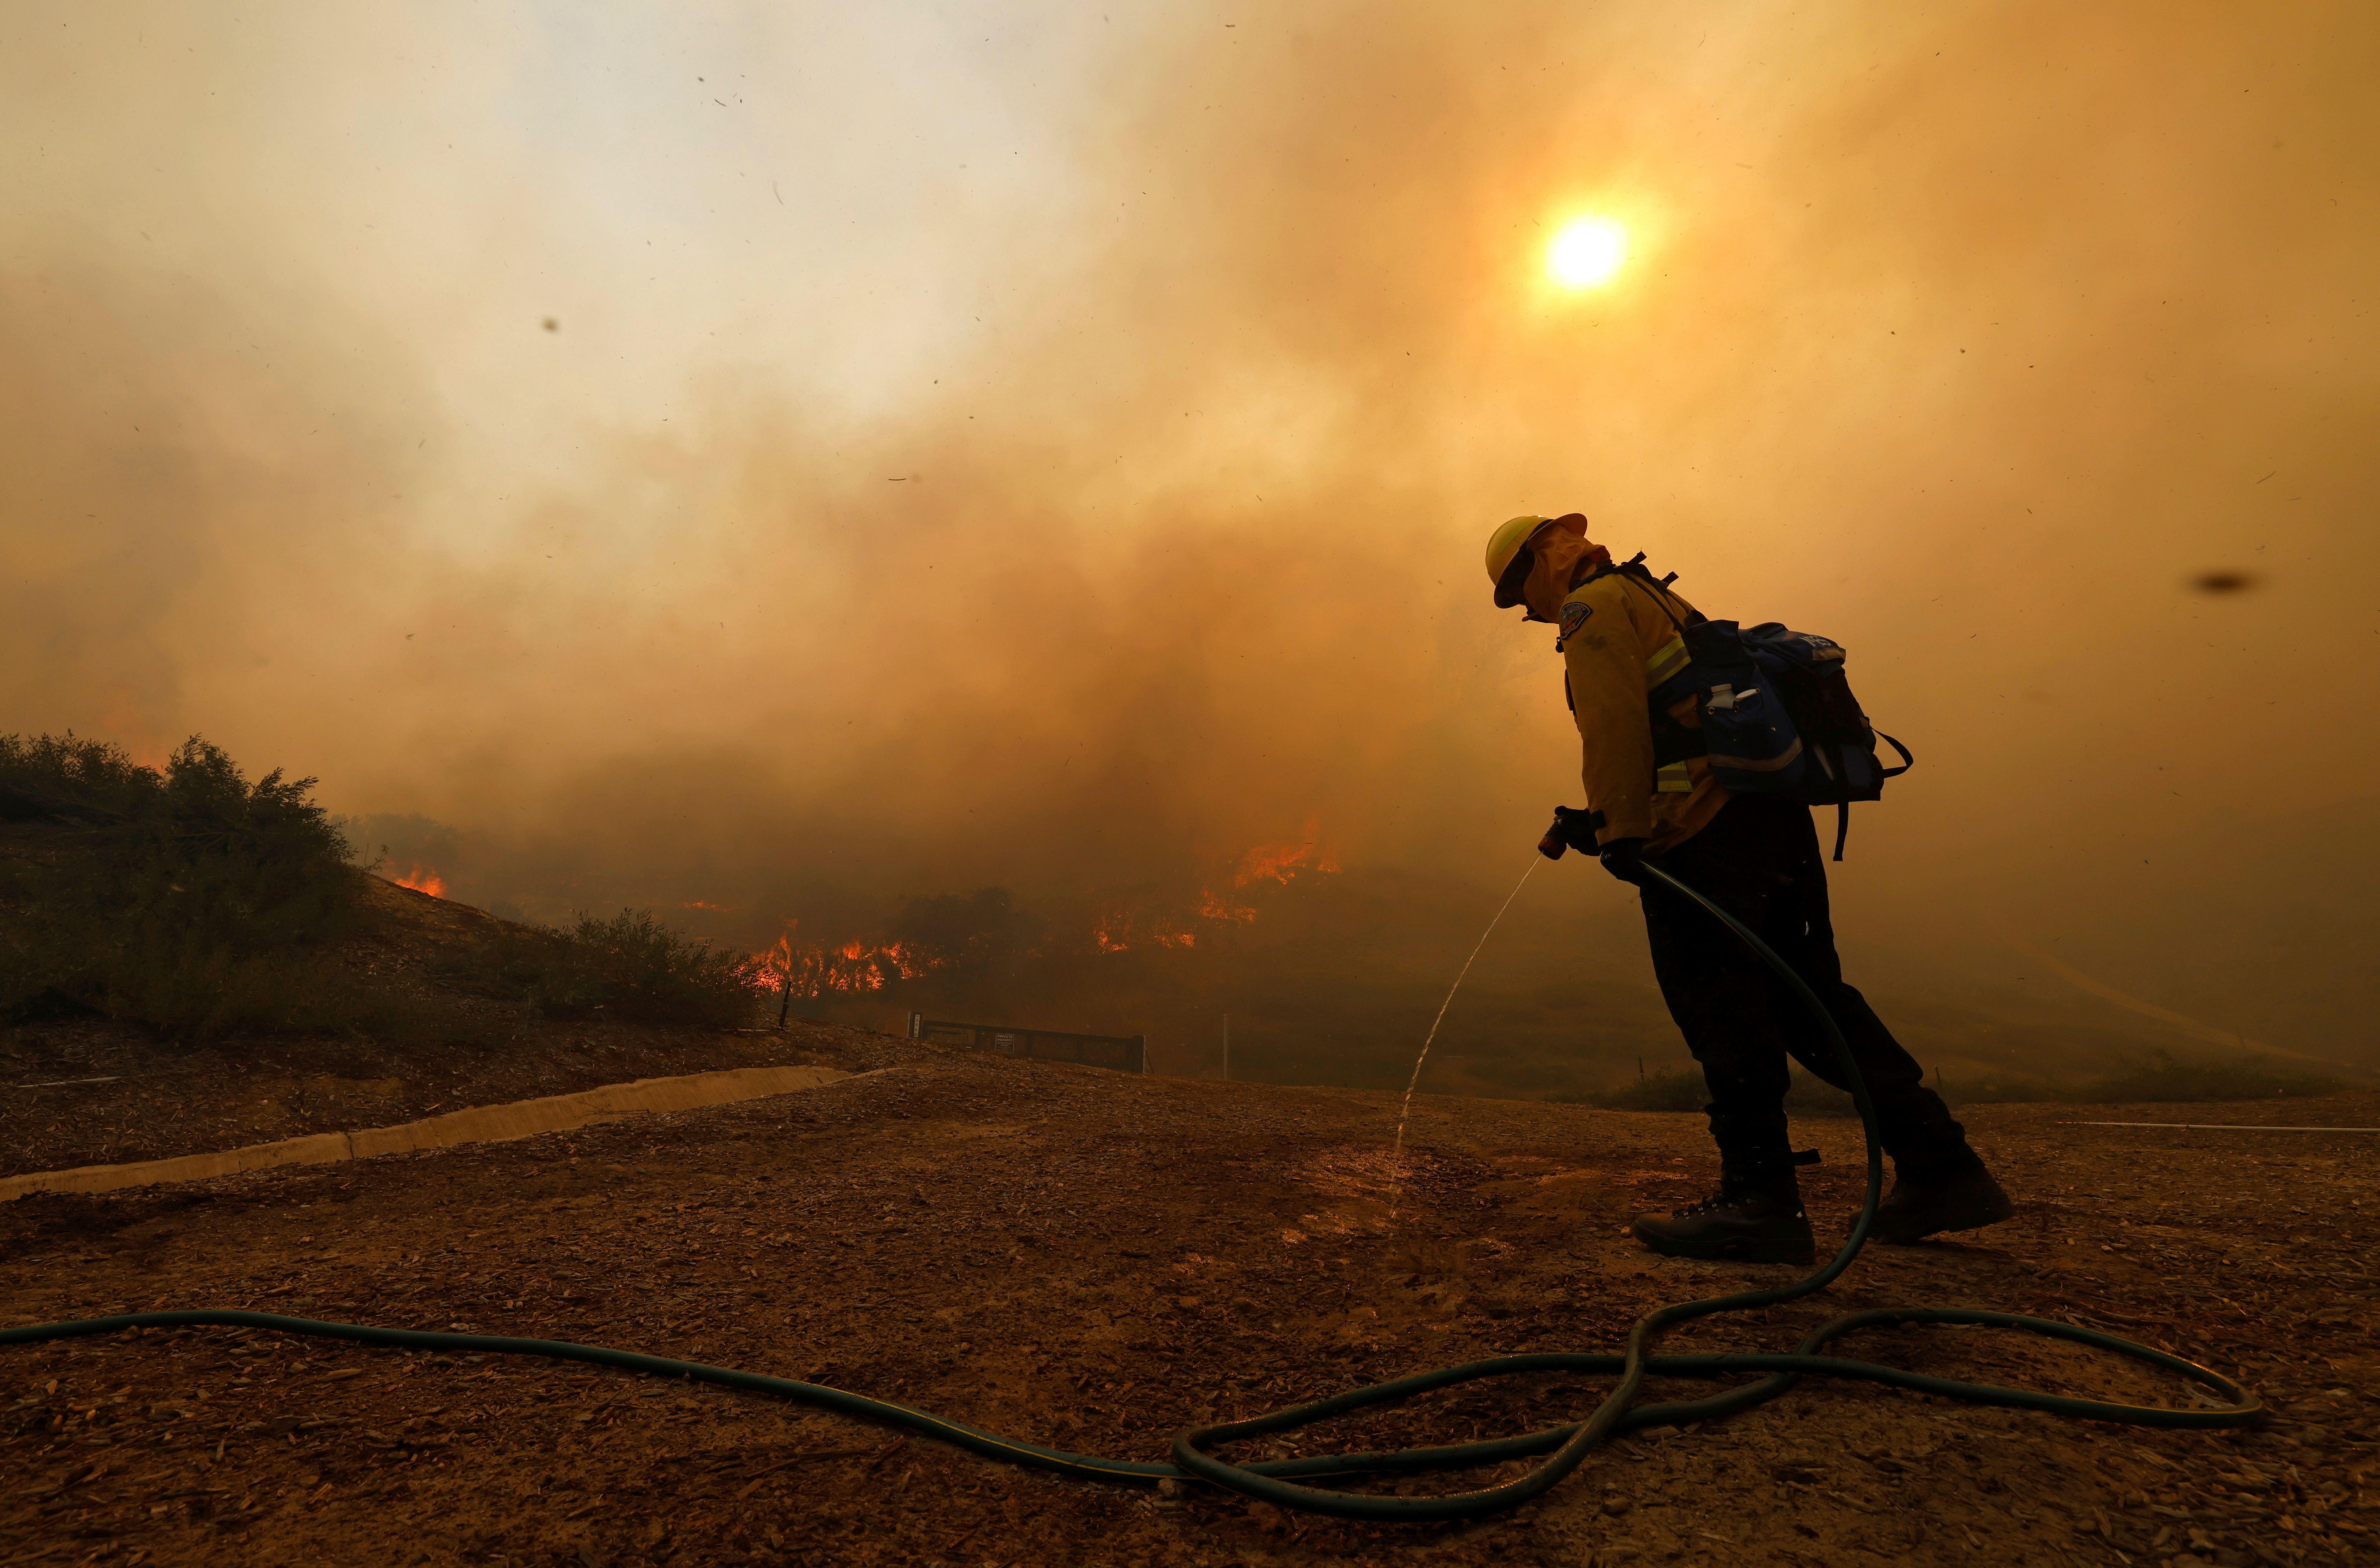 Γιγάντιο δέντρο σεκόγια στην Καλιφόρνια καίγεται από πέρυσι το καλοκαίρι